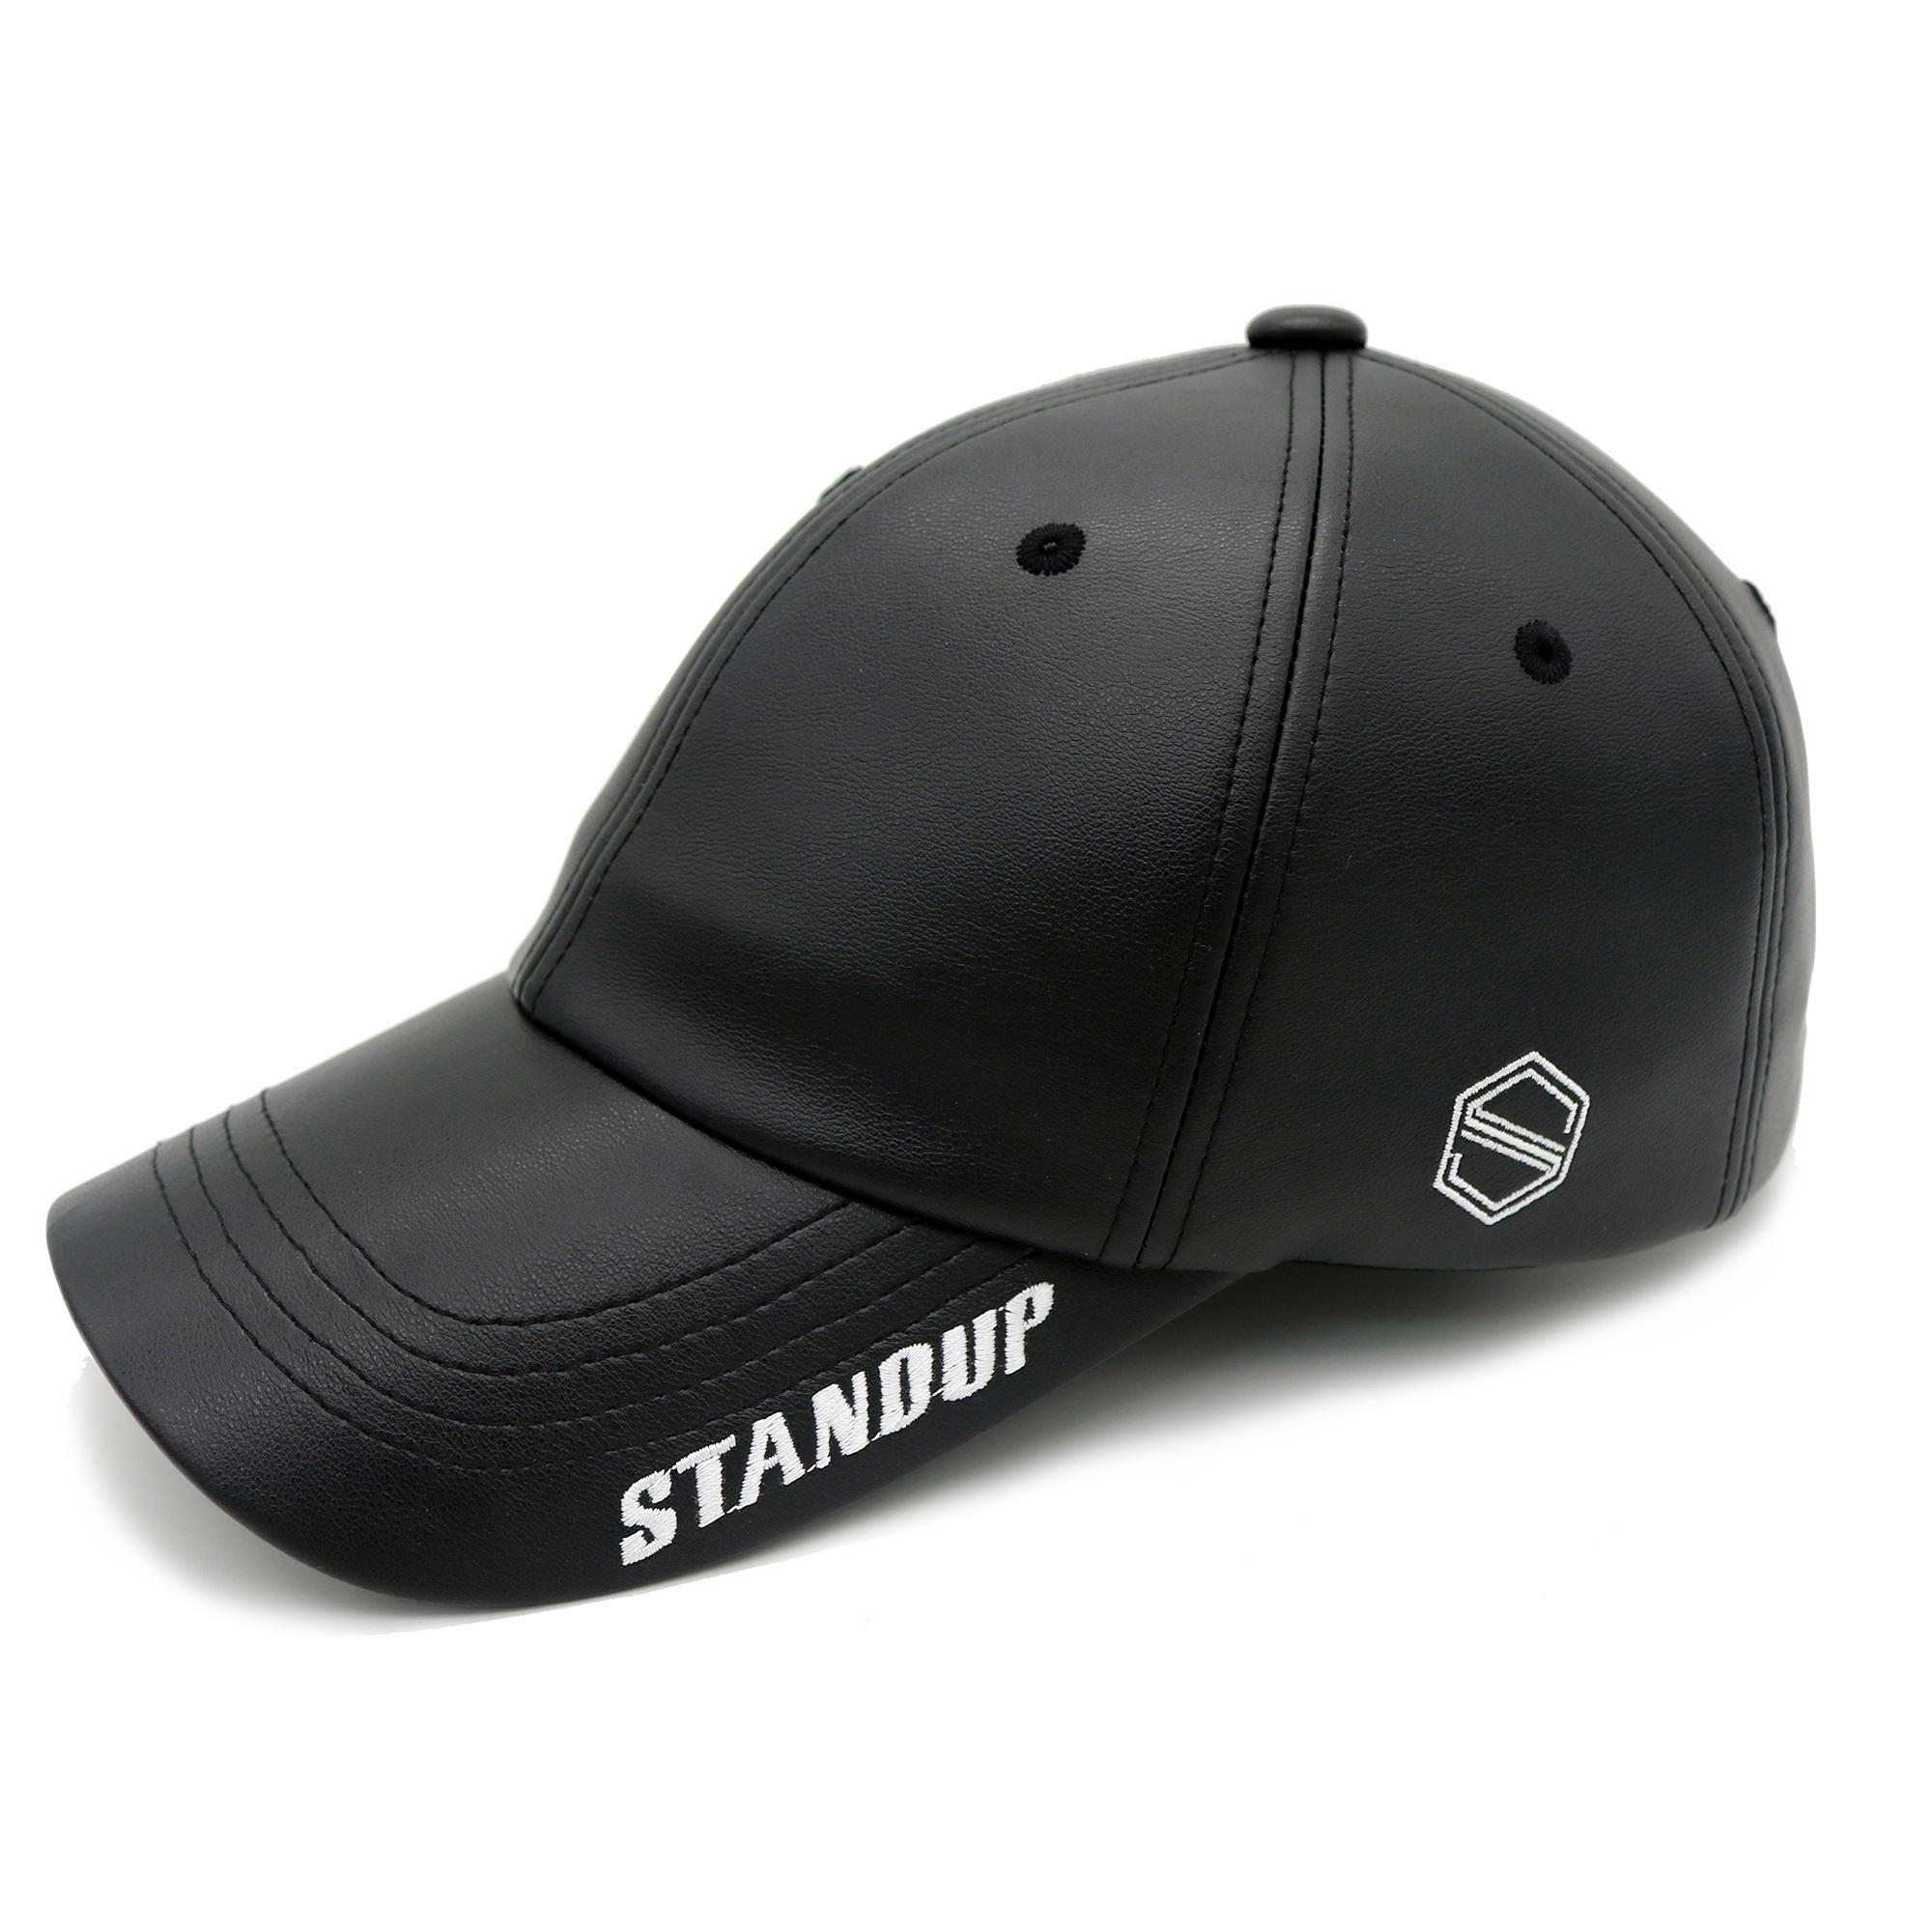 [스탠드업] 바이저스탠드업탑스킨 블랙 컬러 볼캡(레귤러핏)